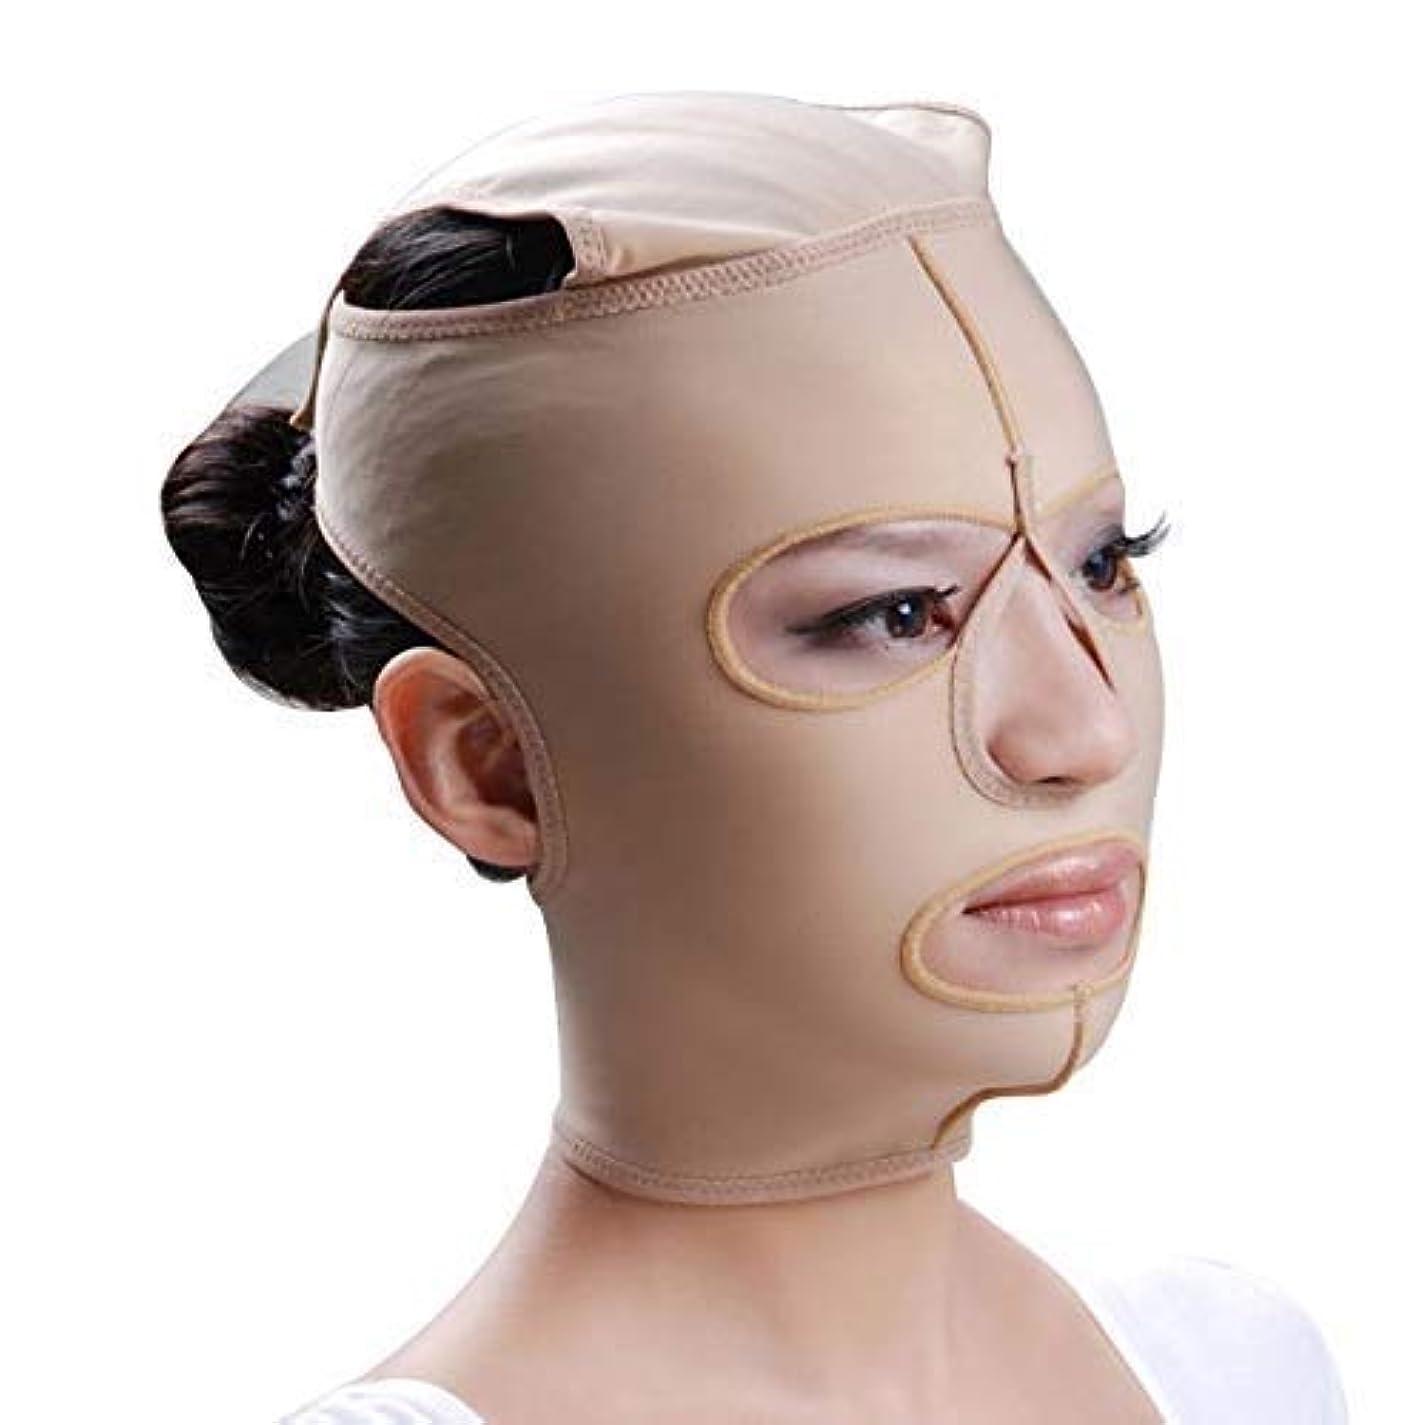 水族館外観ばかげたファーミングフェイスマスク、フェイシャルマスク弾性フェイスリフティングリフティングファーミングパターンマイクロフィニッシングポストモデリングコンプレッションフェイスマスク(サイズ:M)